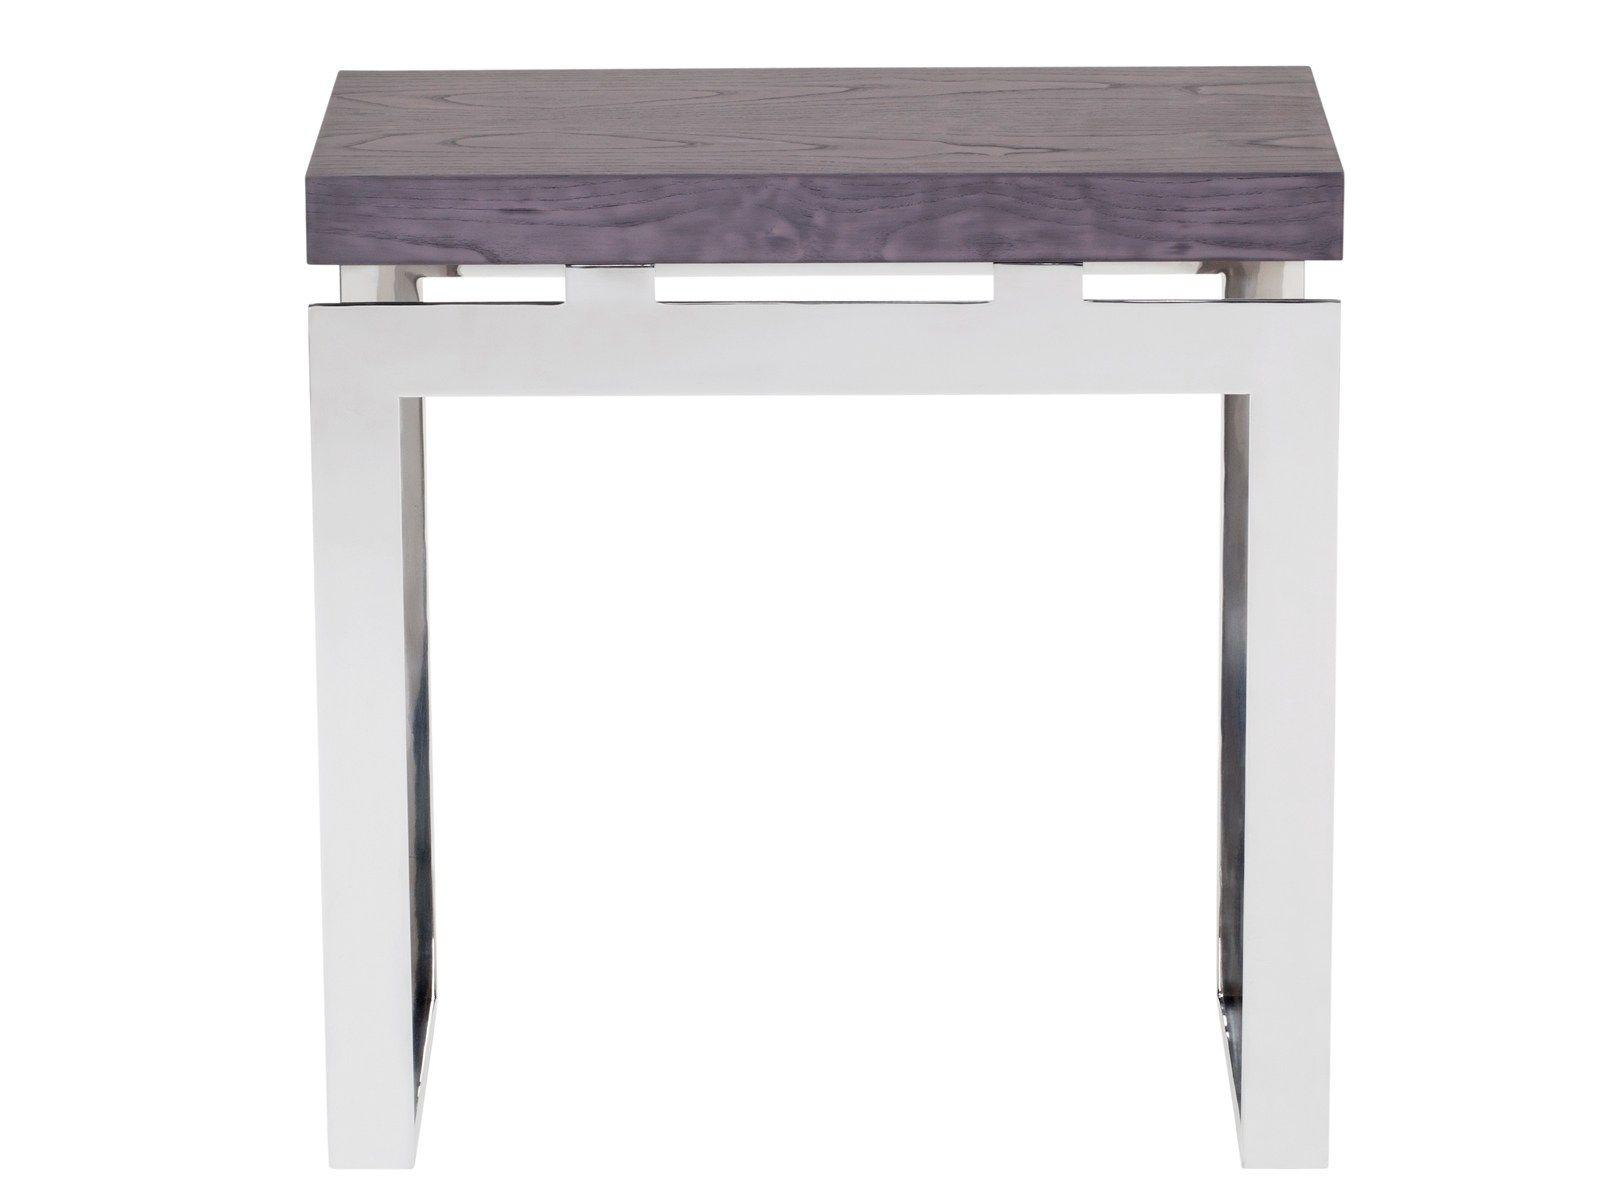 table console rectangulaire en acier inoxydable et bois. Black Bedroom Furniture Sets. Home Design Ideas